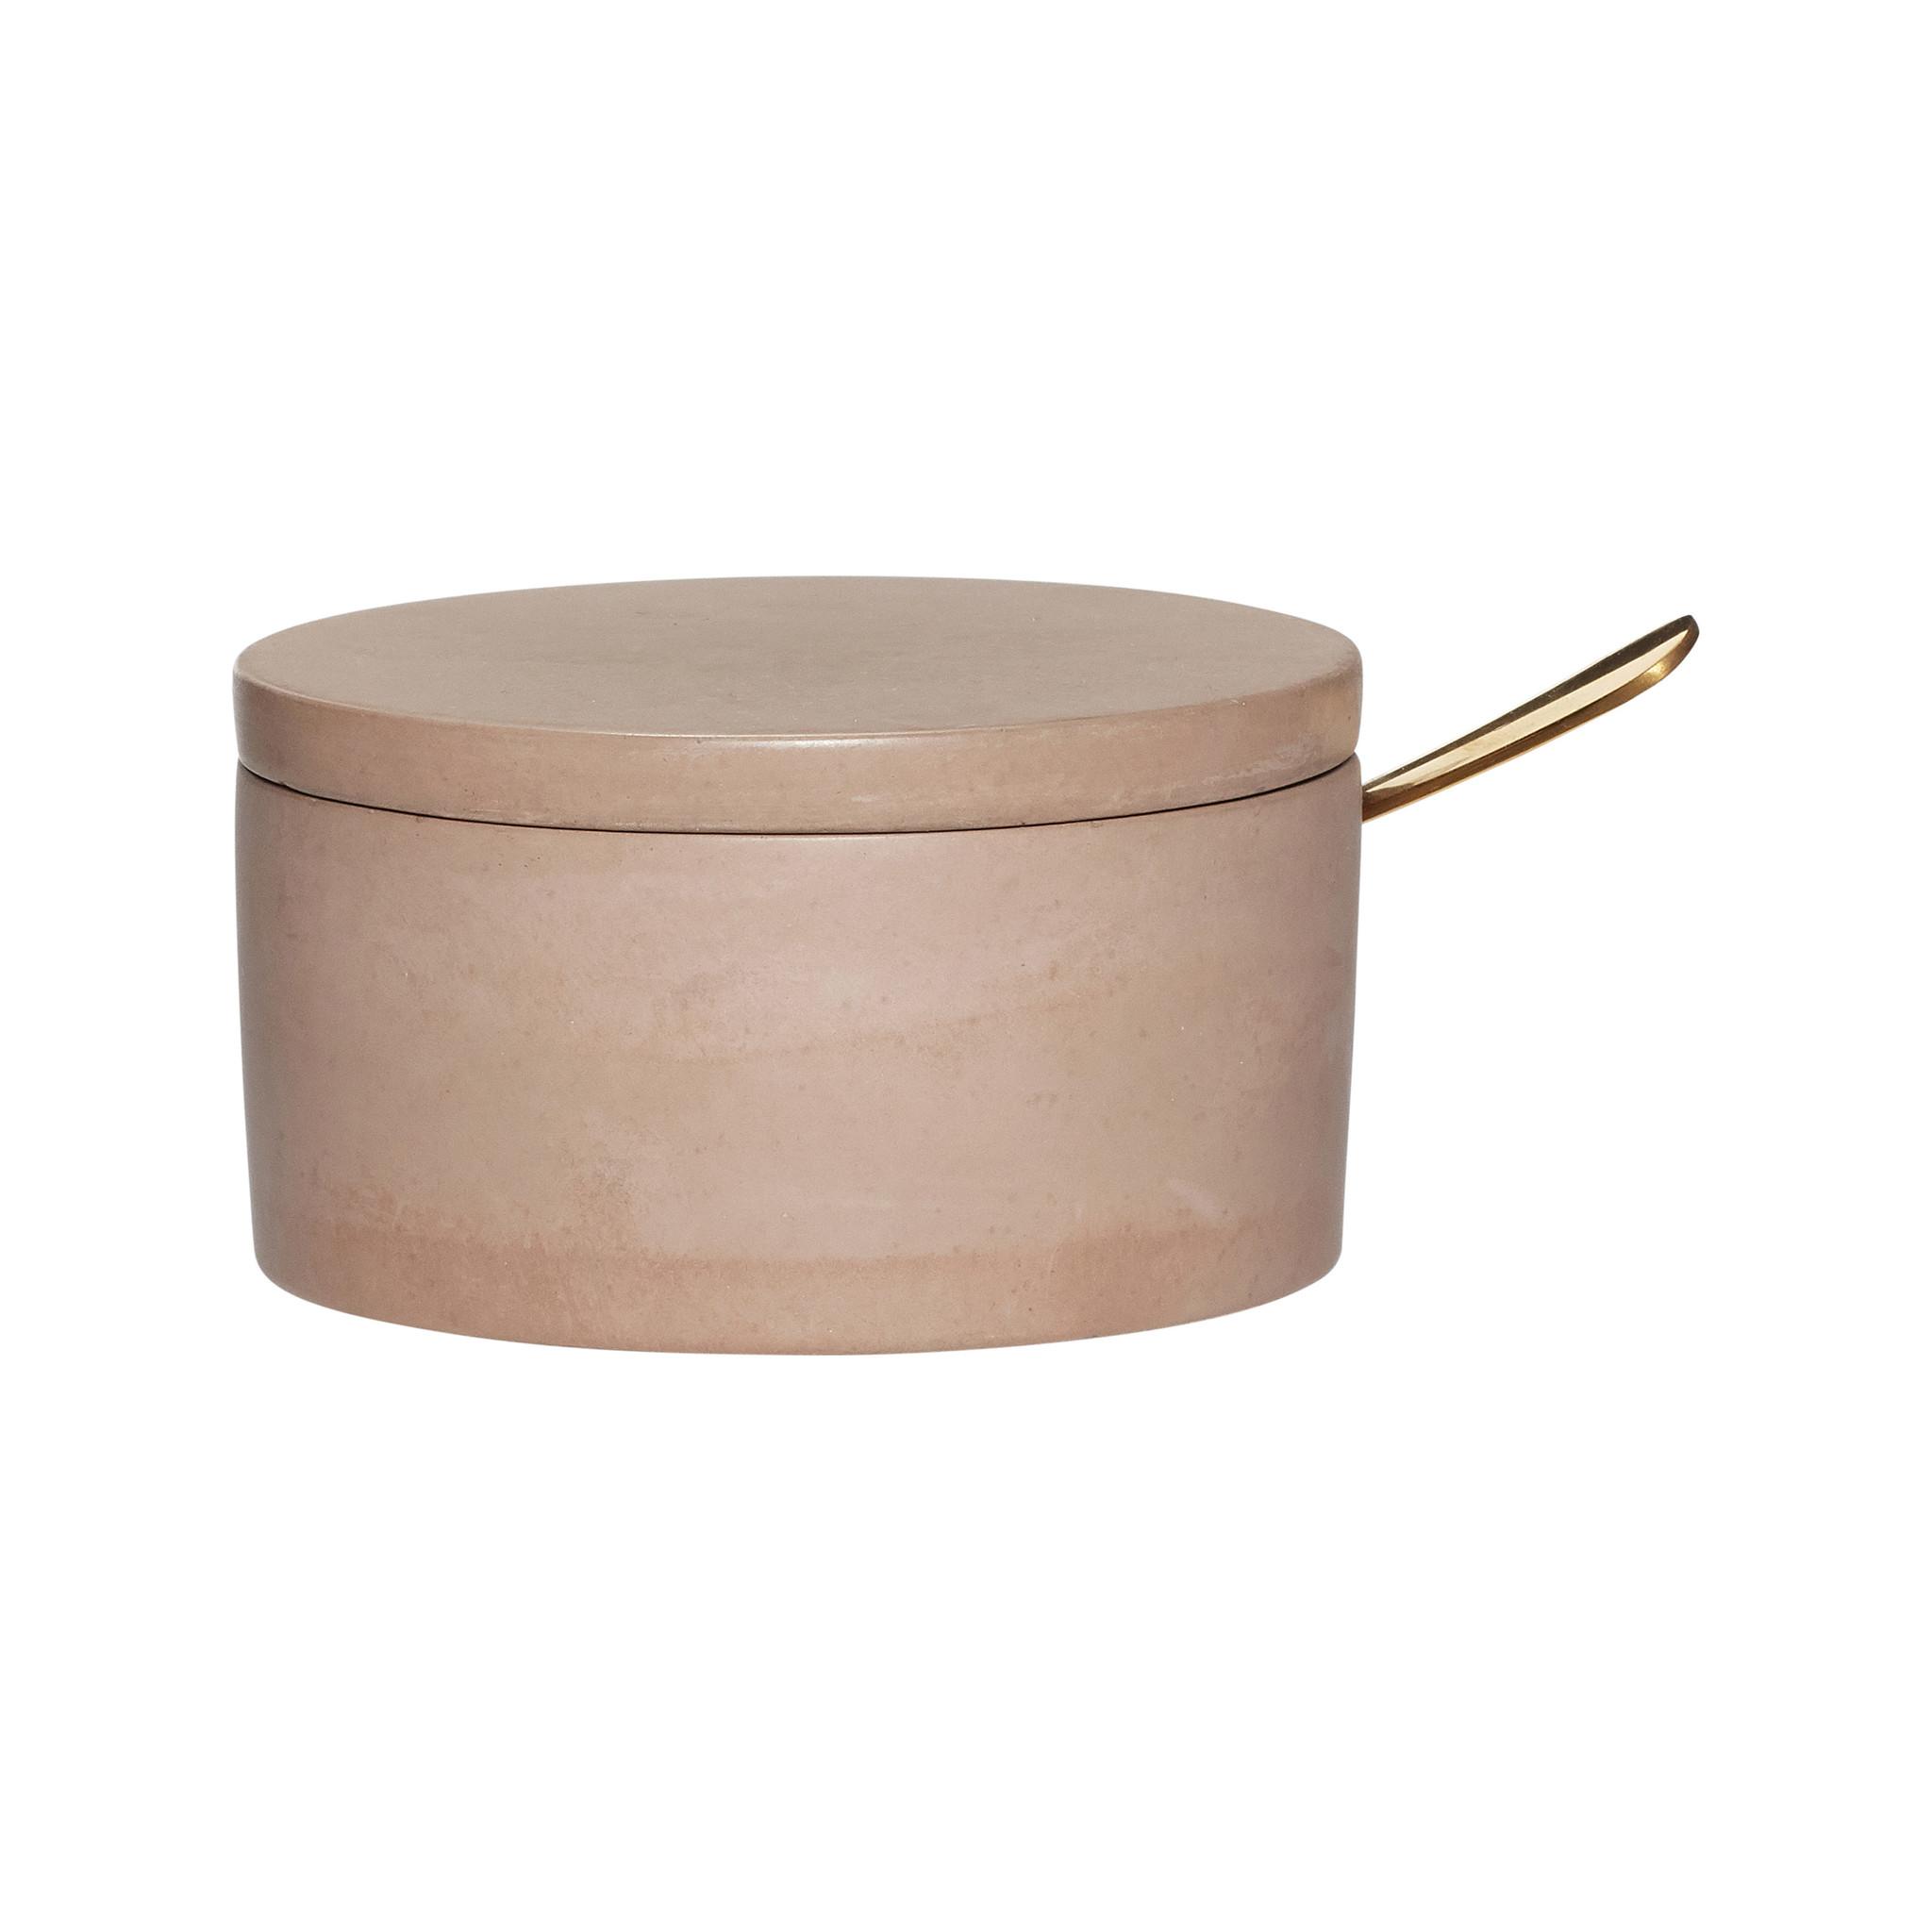 Hubsch Voorraadpot met lepel, deksel, beton, bruin / goud-530602-5712772063576